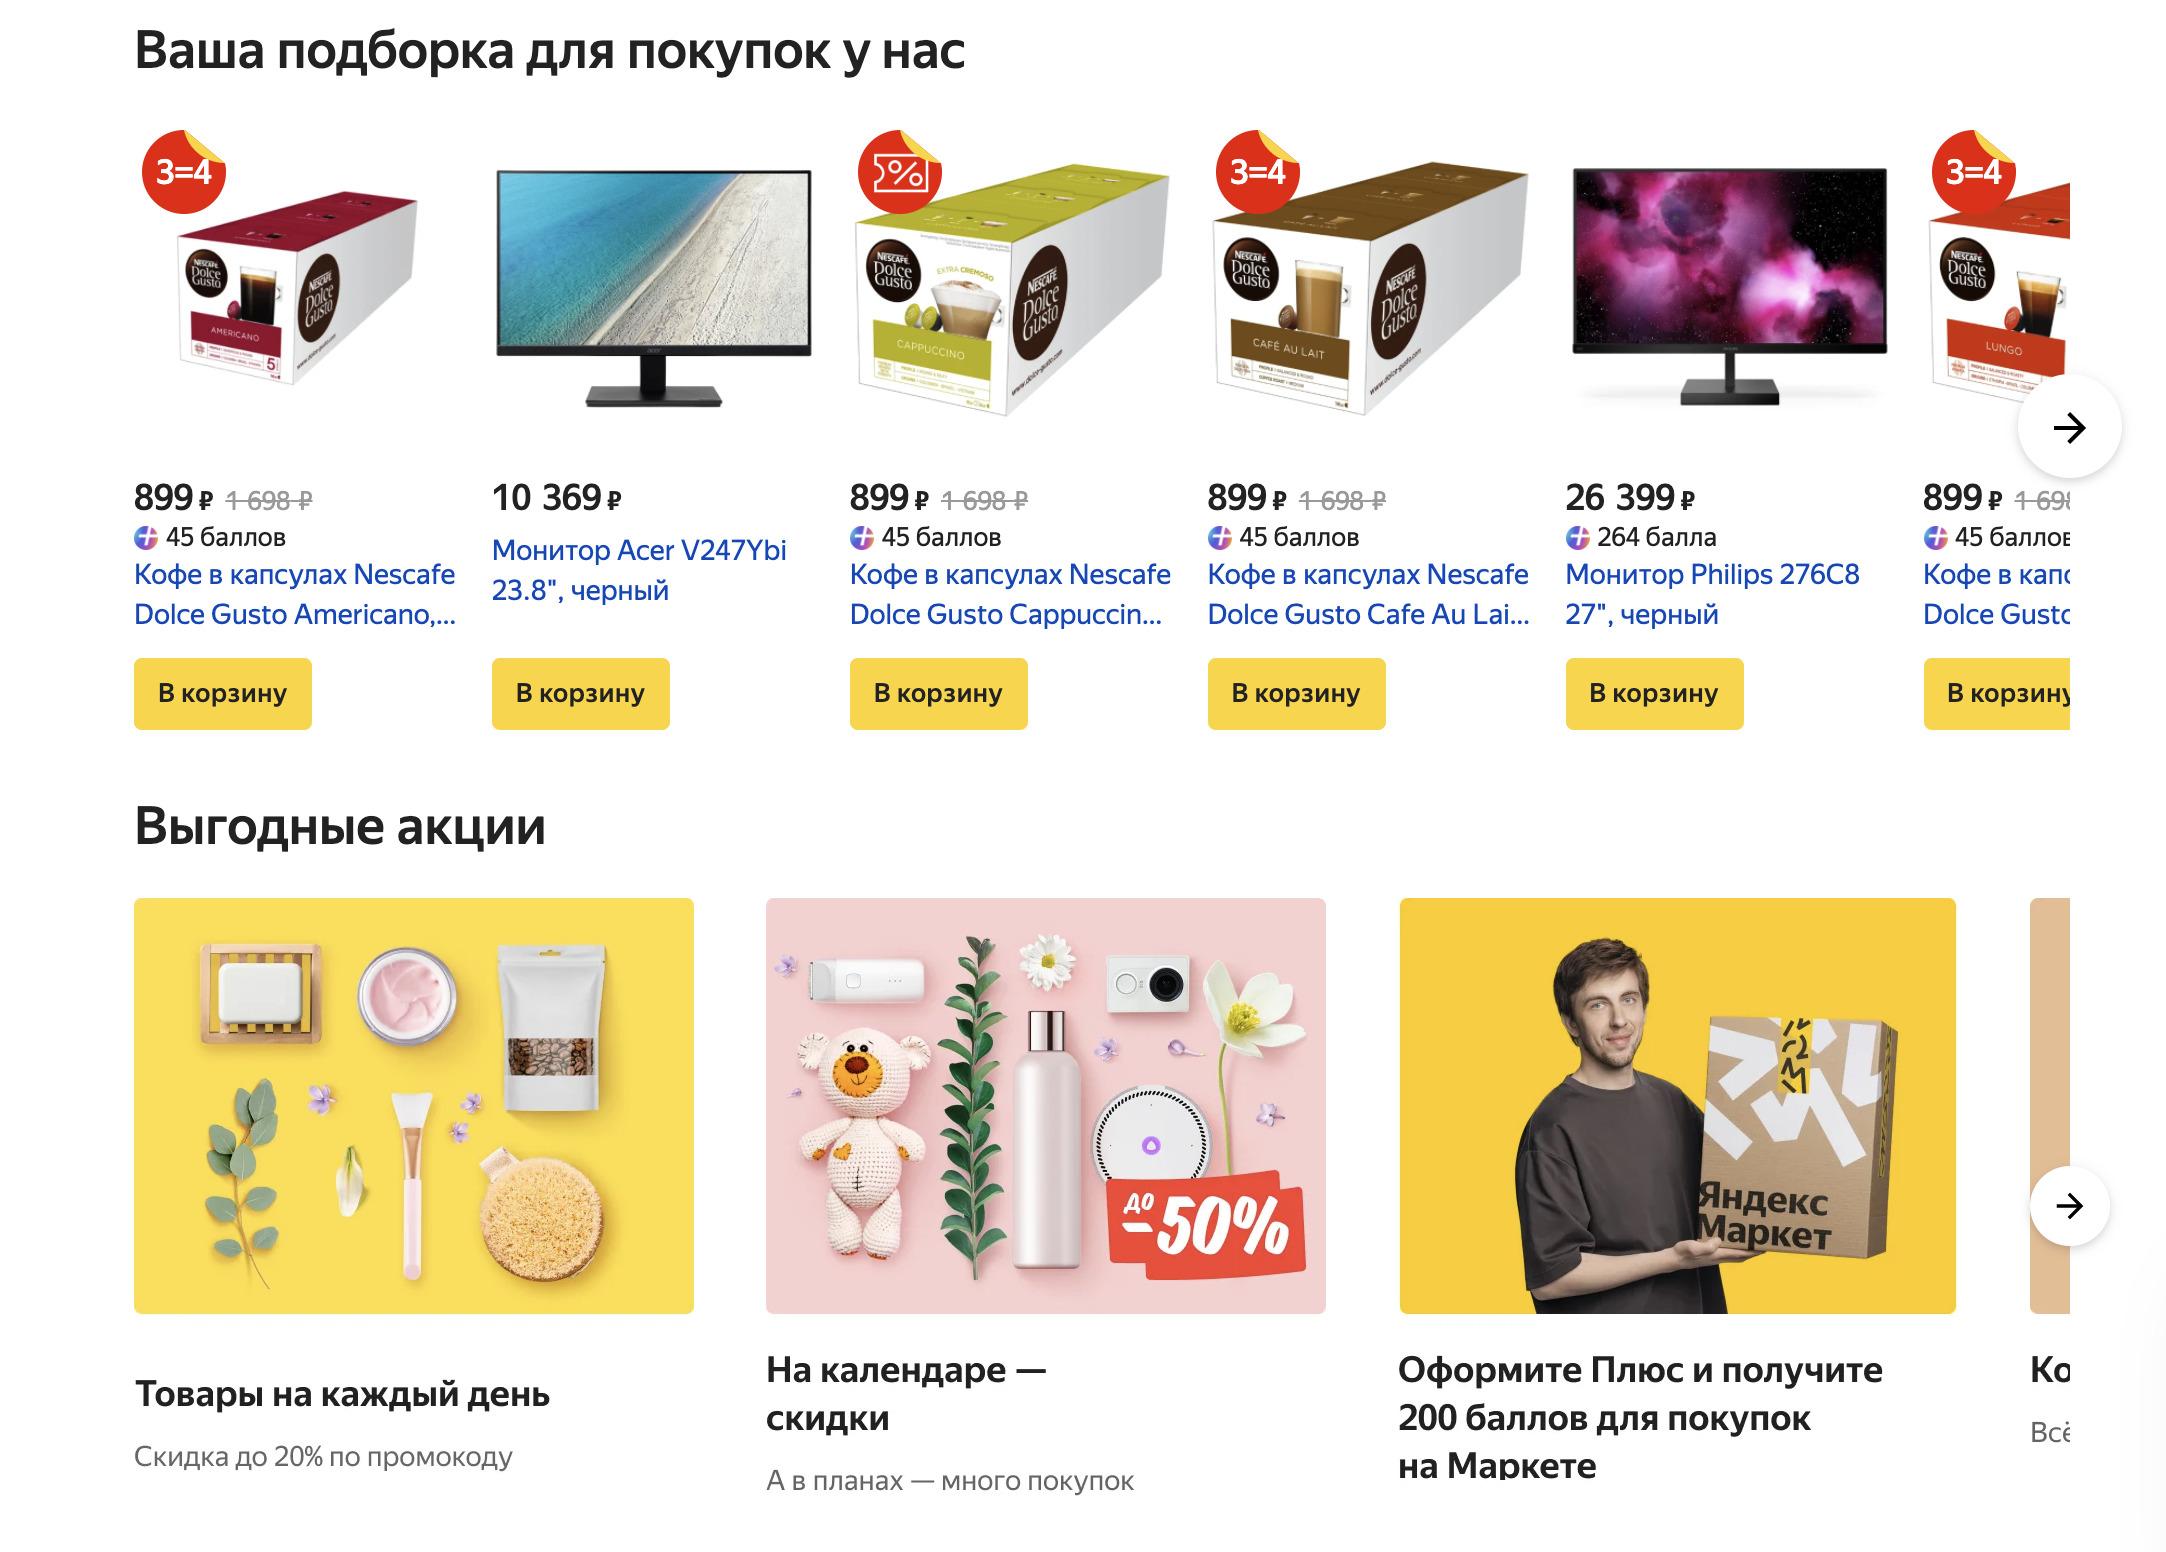 Доставка из Яндекс.Маркет в Усть-Илимск, сроки, пункты выдачи, каталог